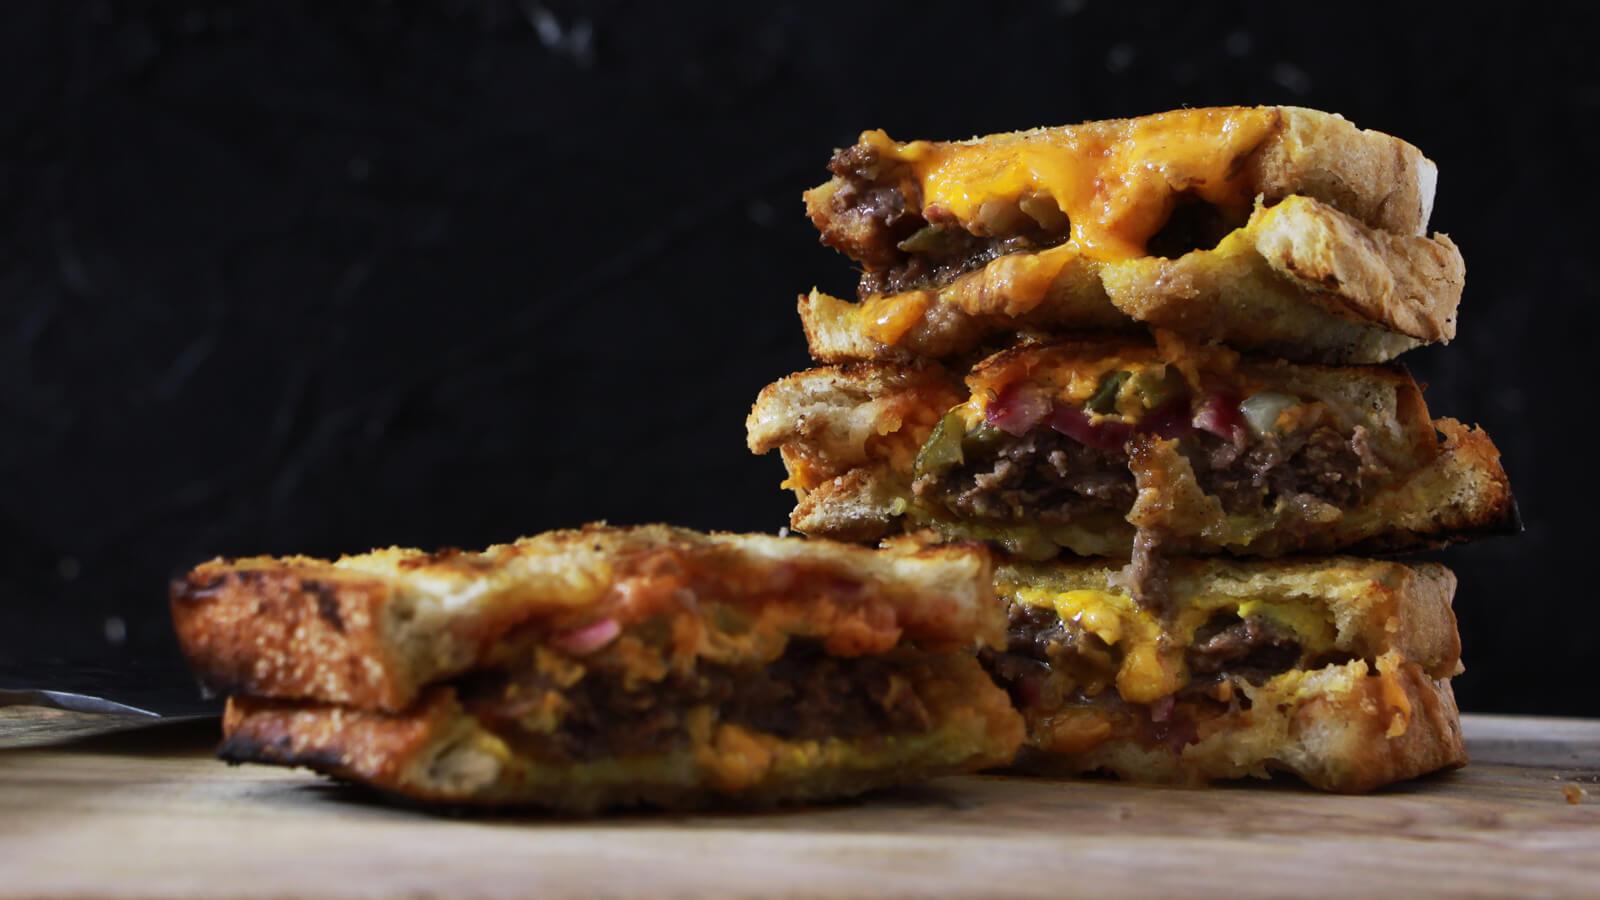 Tosti's van de BBQ? Deze cheeseburger braaibroodjies zijn te gek!